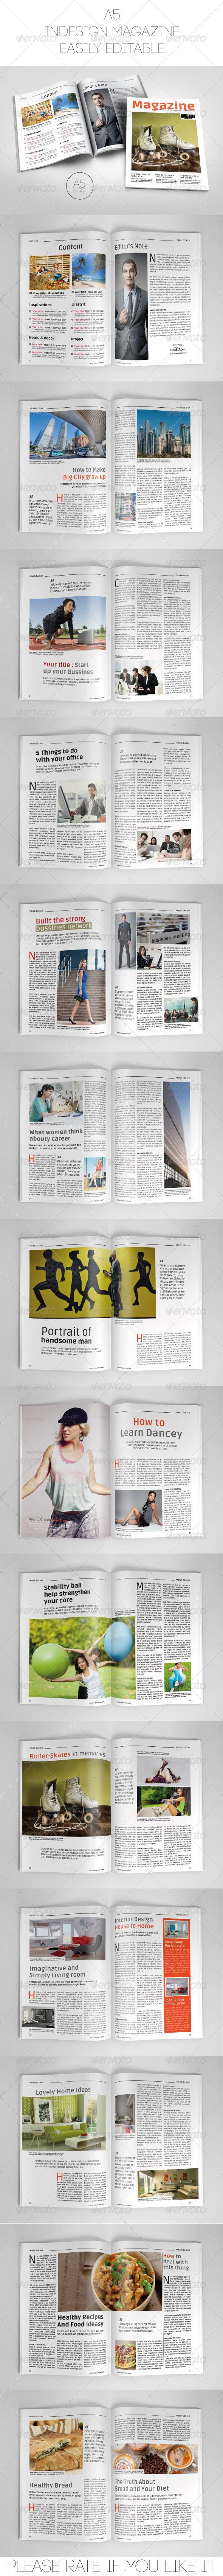 GraphicRiver A5 Magazine Template 7650091